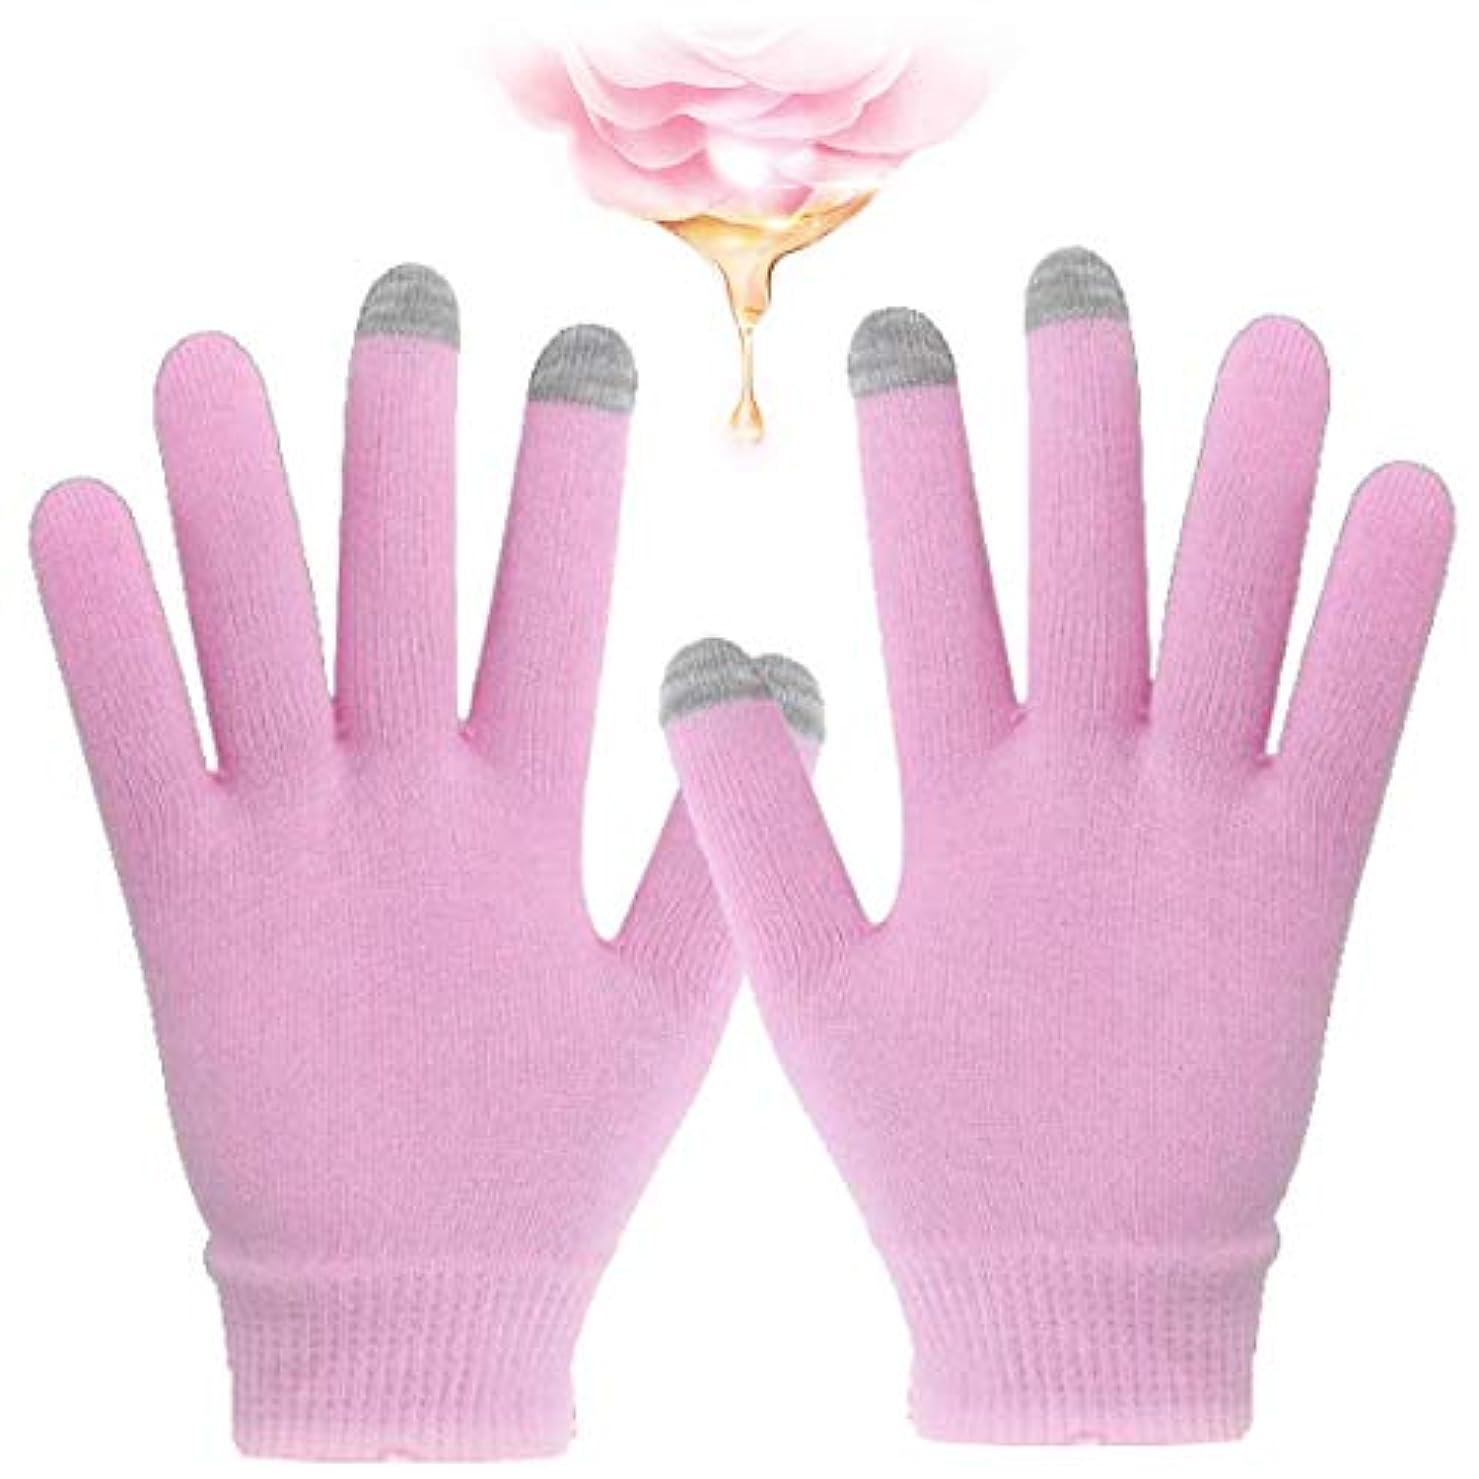 リネン雑種ガレージハンドケア 手袋 スマホ対応 手袋 ゲル 保湿 美容成分配合 手荒れ 対策 おやすみ スキンケア グローブ うるおい 保護 タブレット